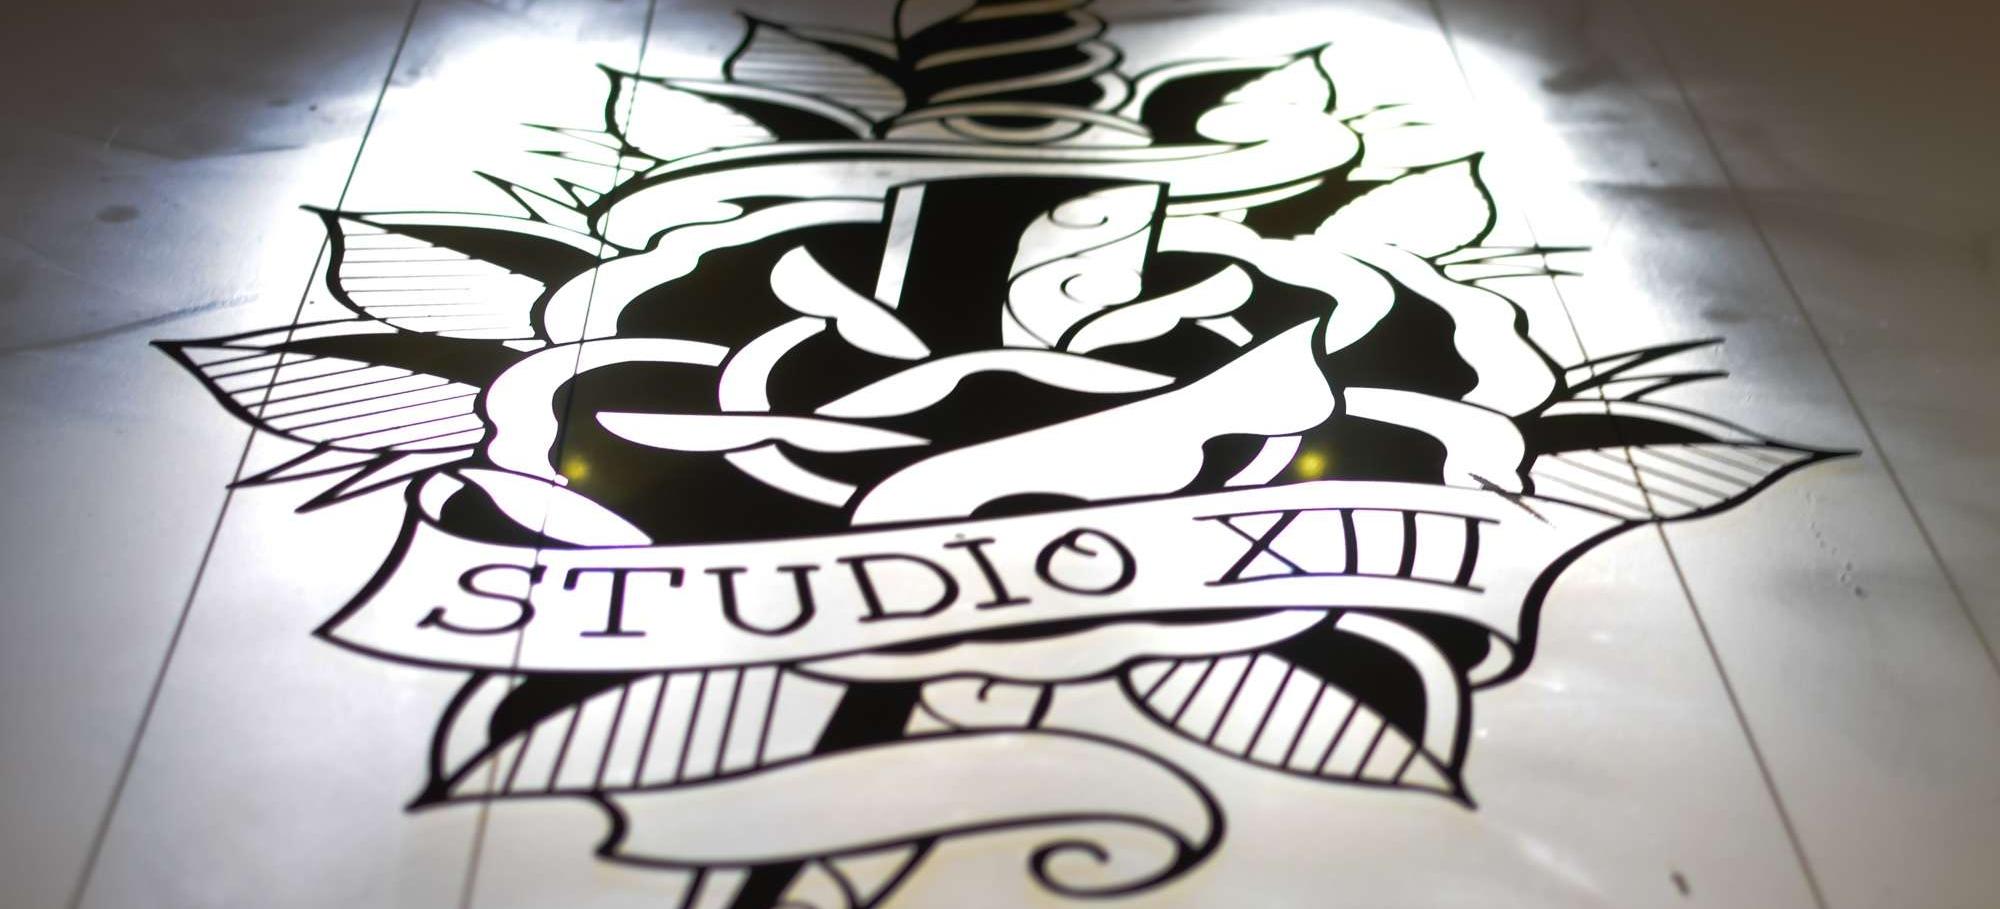 Jo Kohl Studio Xiii Gallery